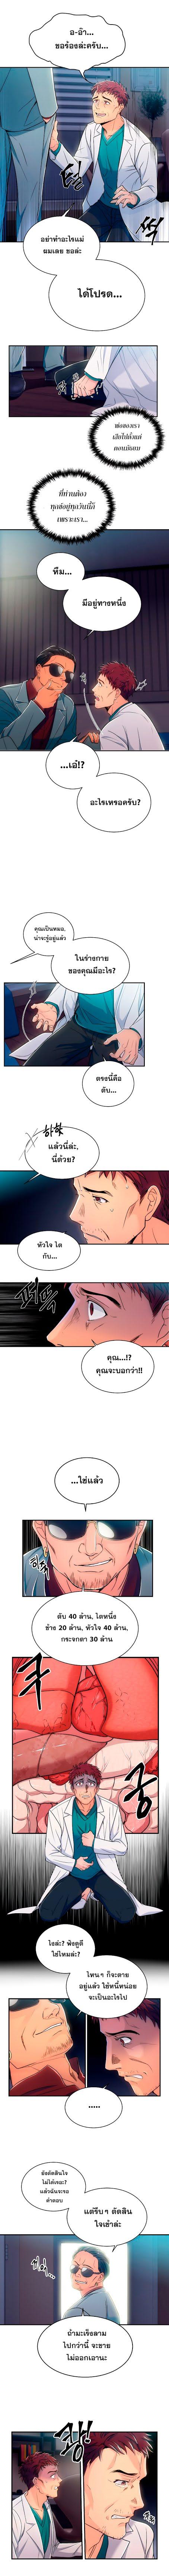 Medical Return - หน้า 3